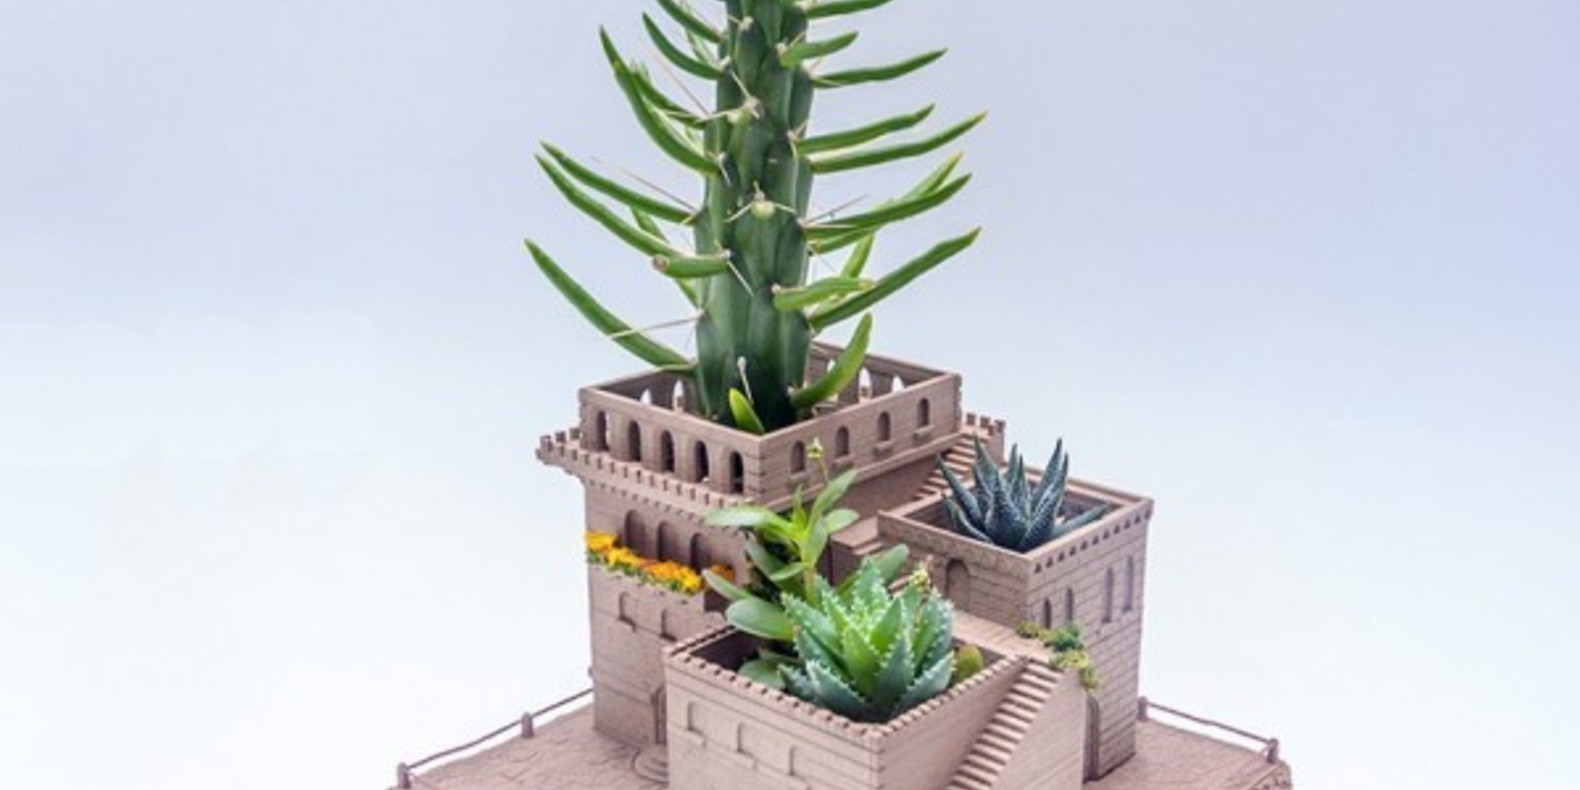 http://fichier3d.fr/wp-content/uploads/2016/08/YURIYSKLYAR-planter-tinkercad-makerbot-fichier-3D-cults-1.jpg